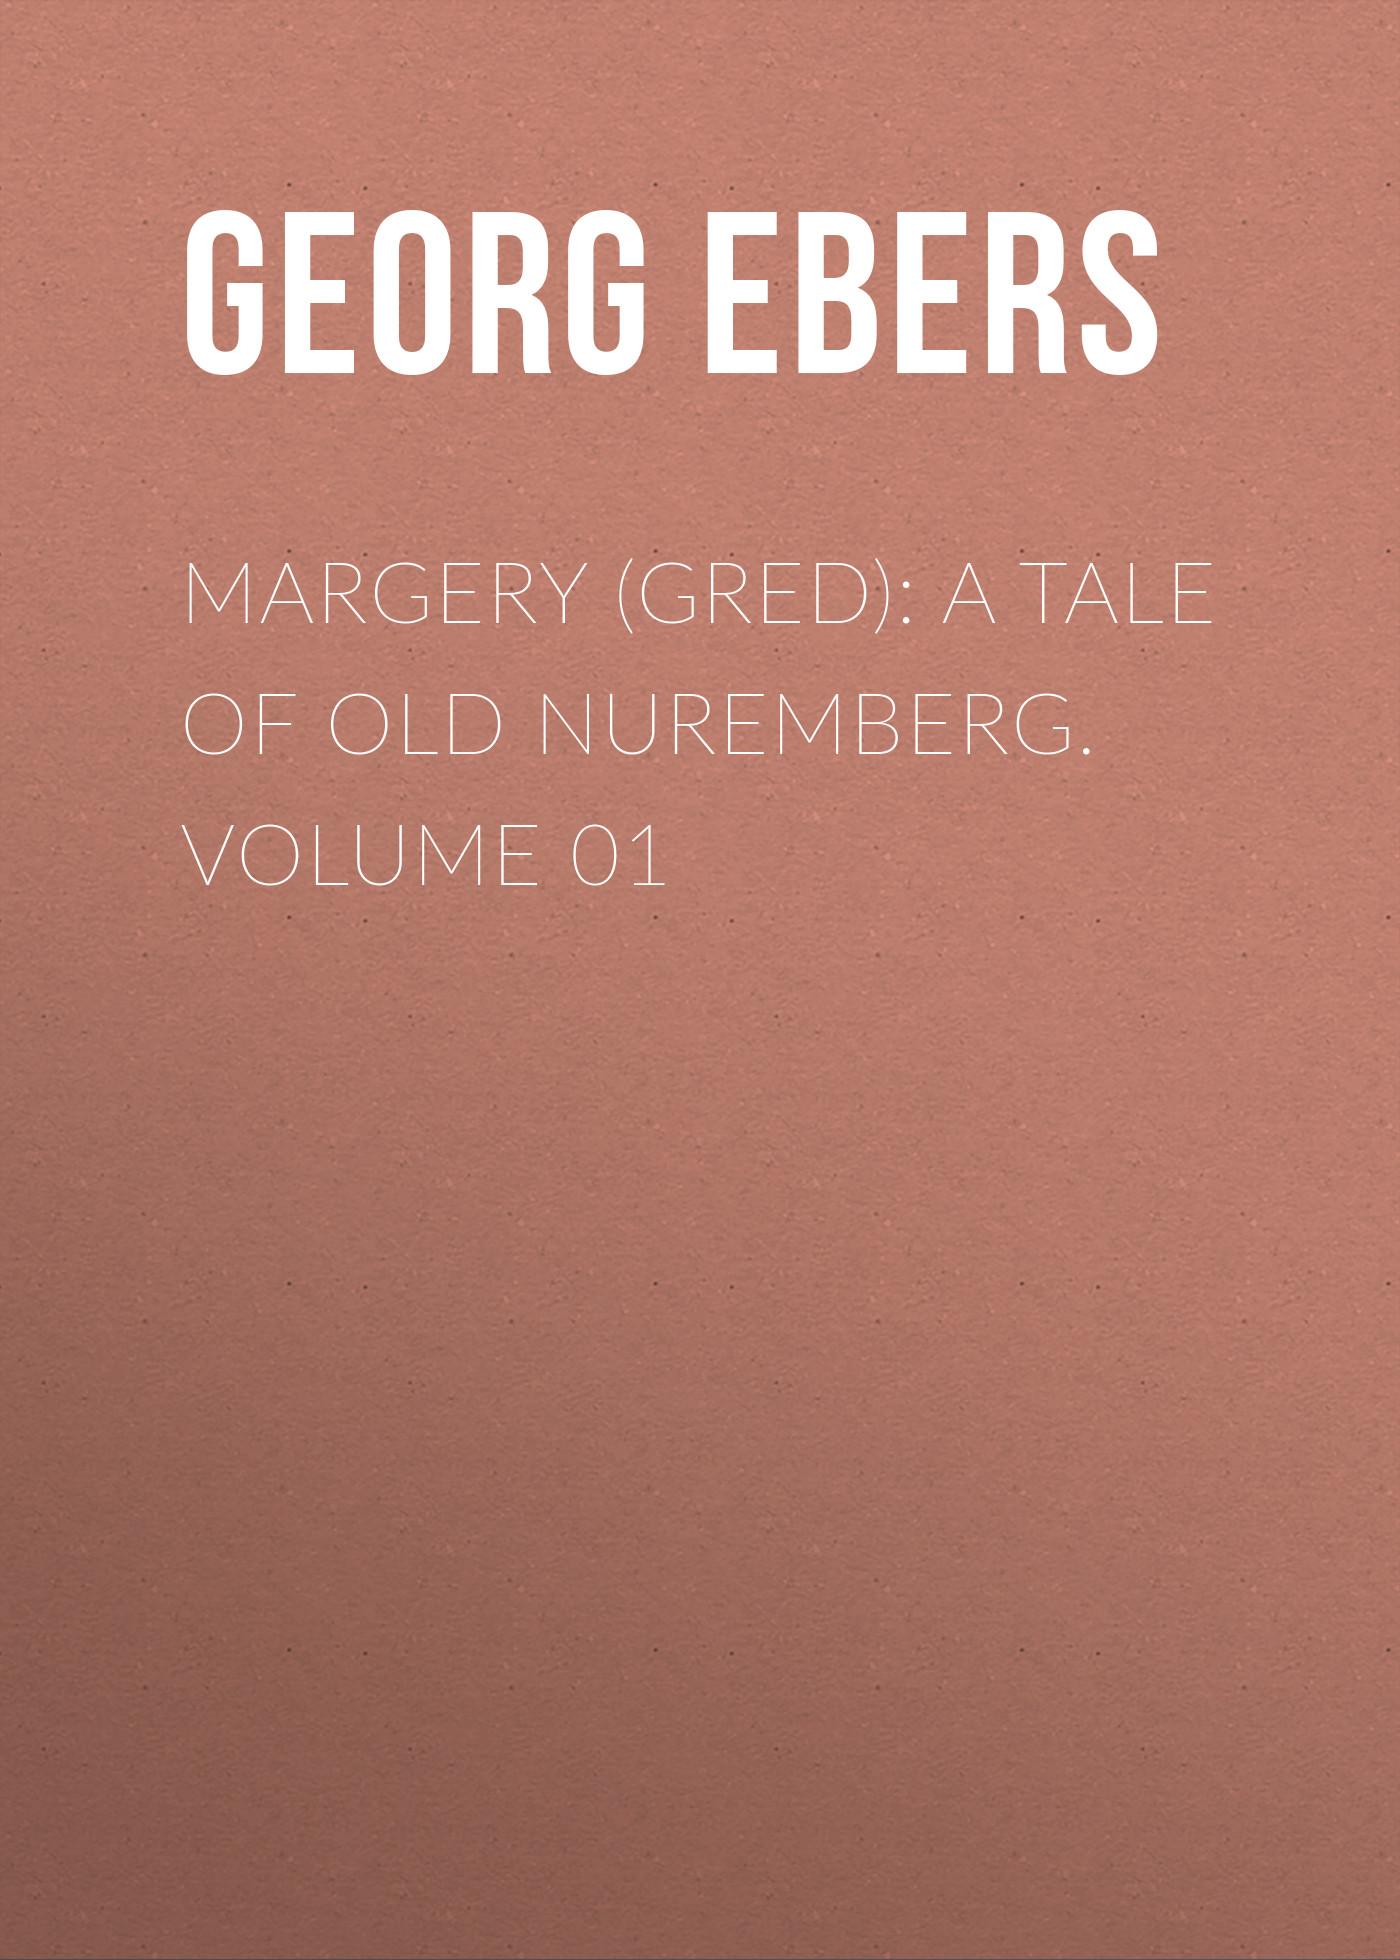 Georg Ebers Margery (Gred): A Tale Of Old Nuremberg. Volume 01 georg ebers homo sum volume 02